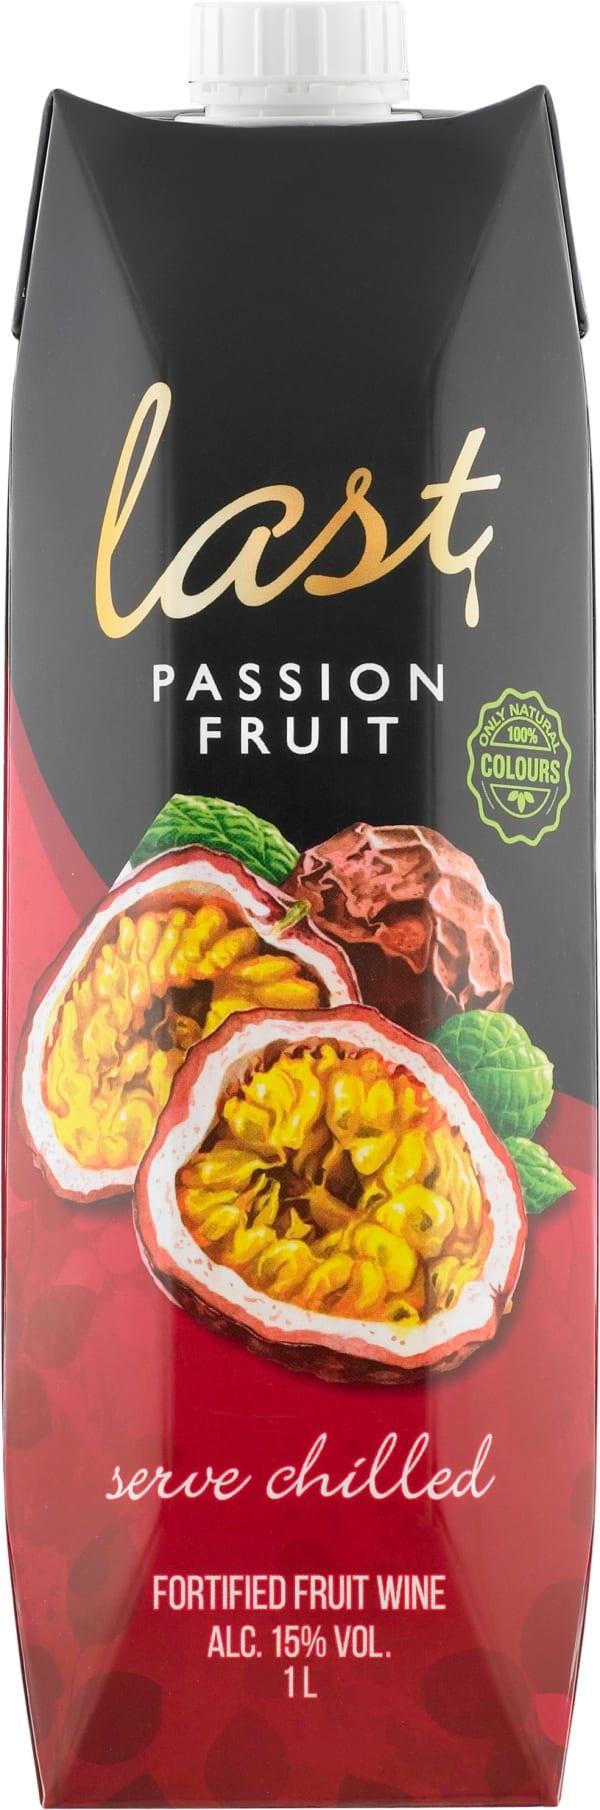 Last Passionfruit carton package